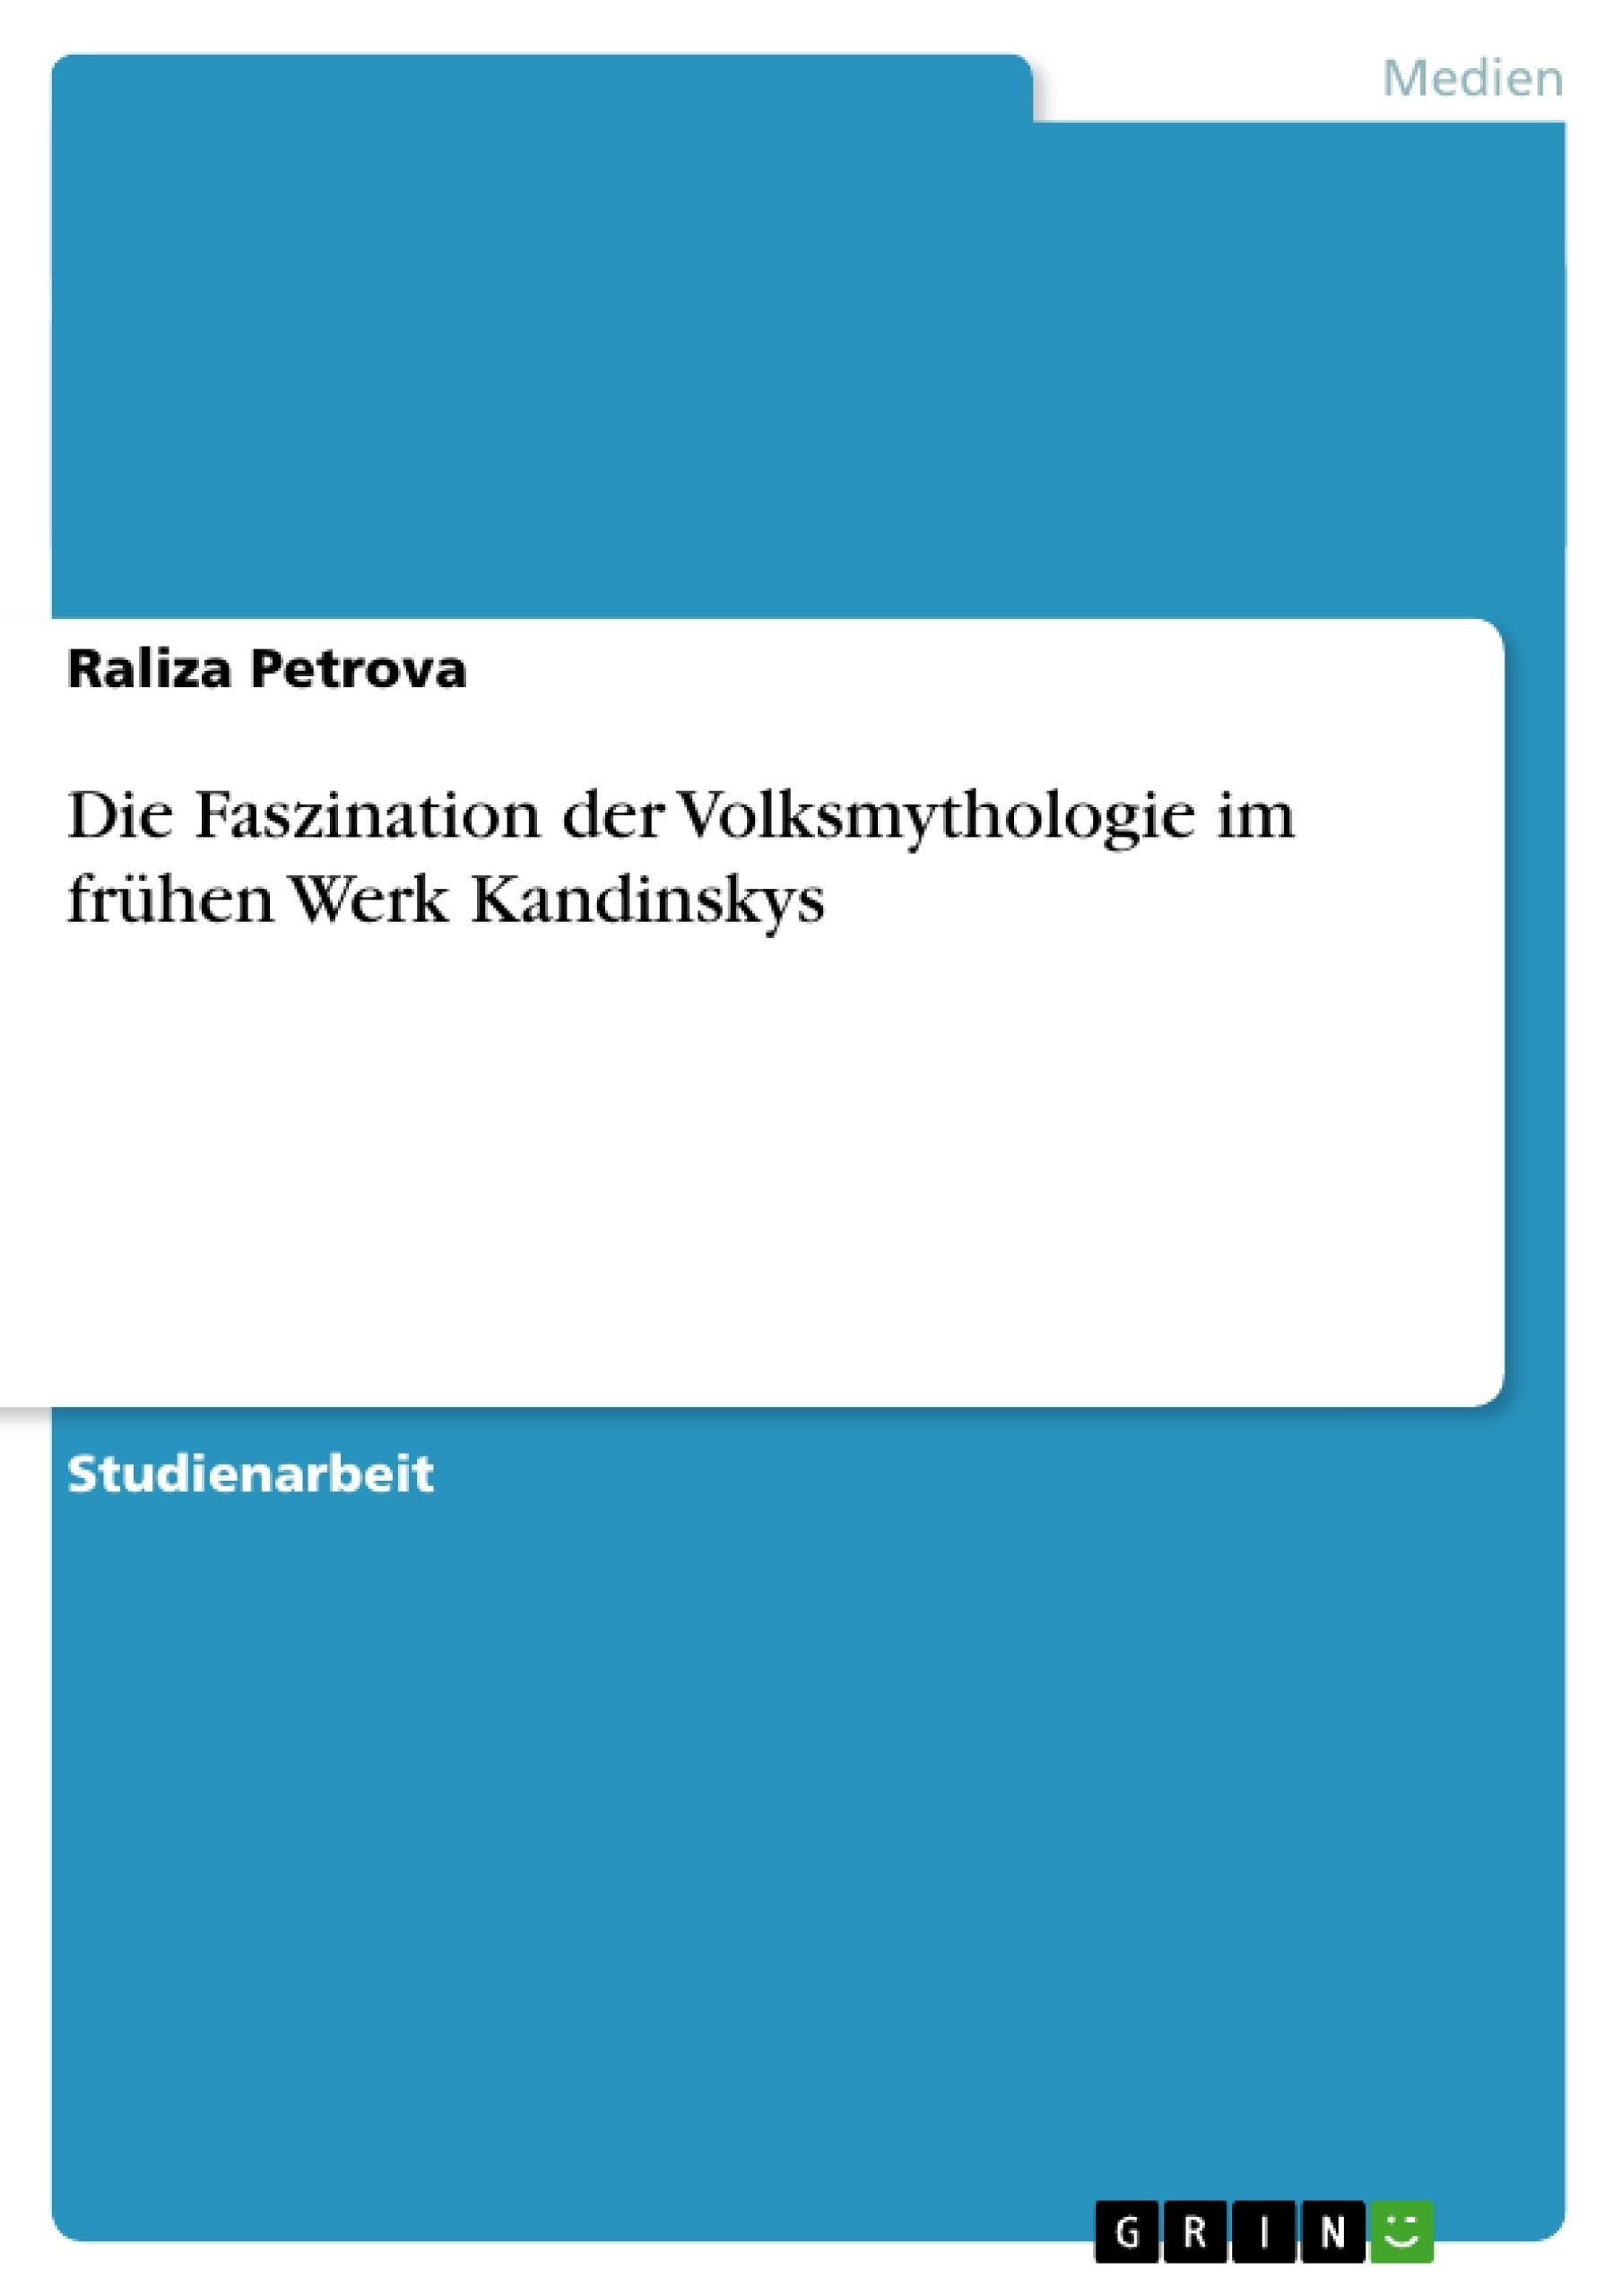 Titel: Die Faszination der Volksmythologie im frühen Werk Kandinskys